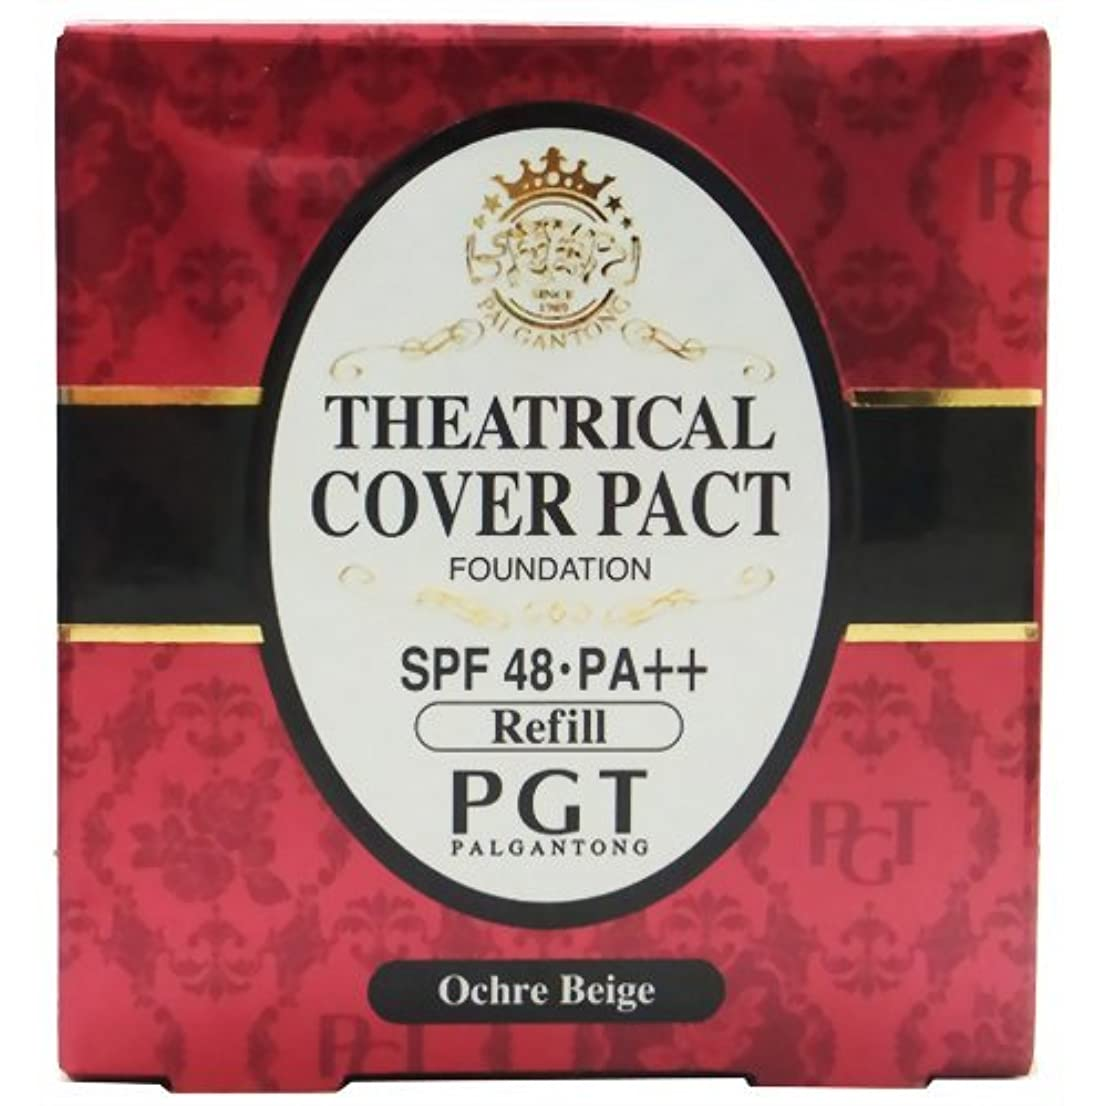 神聖正しい作動するパルガントン シアトリカルカバーパクト オークルベージュ パフ付 SPF48?PA++ 10g